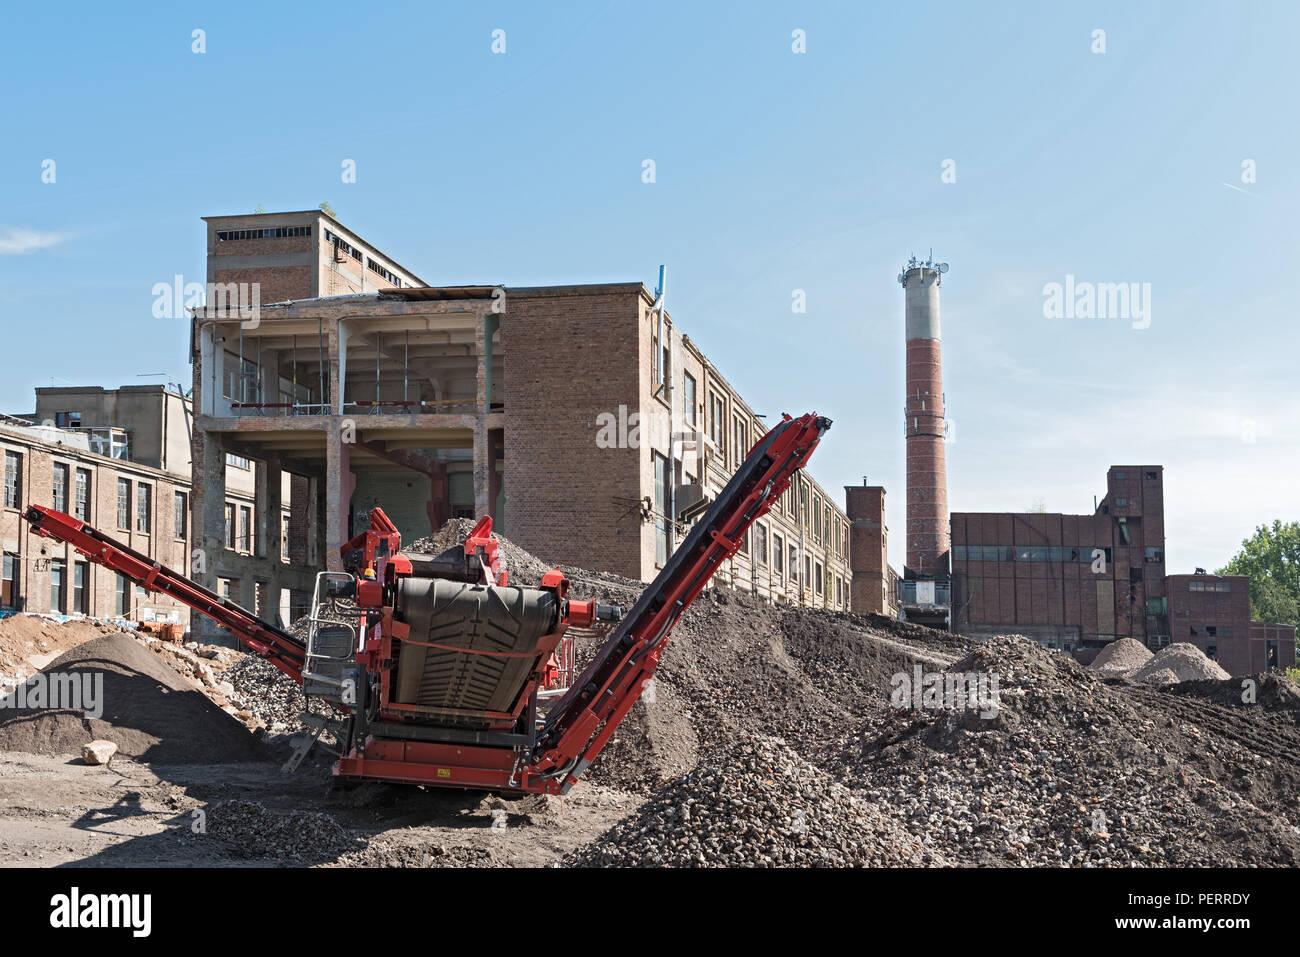 La ricostruzione e la demolizione parziale di un vecchio ex cartiera. Foto Stock